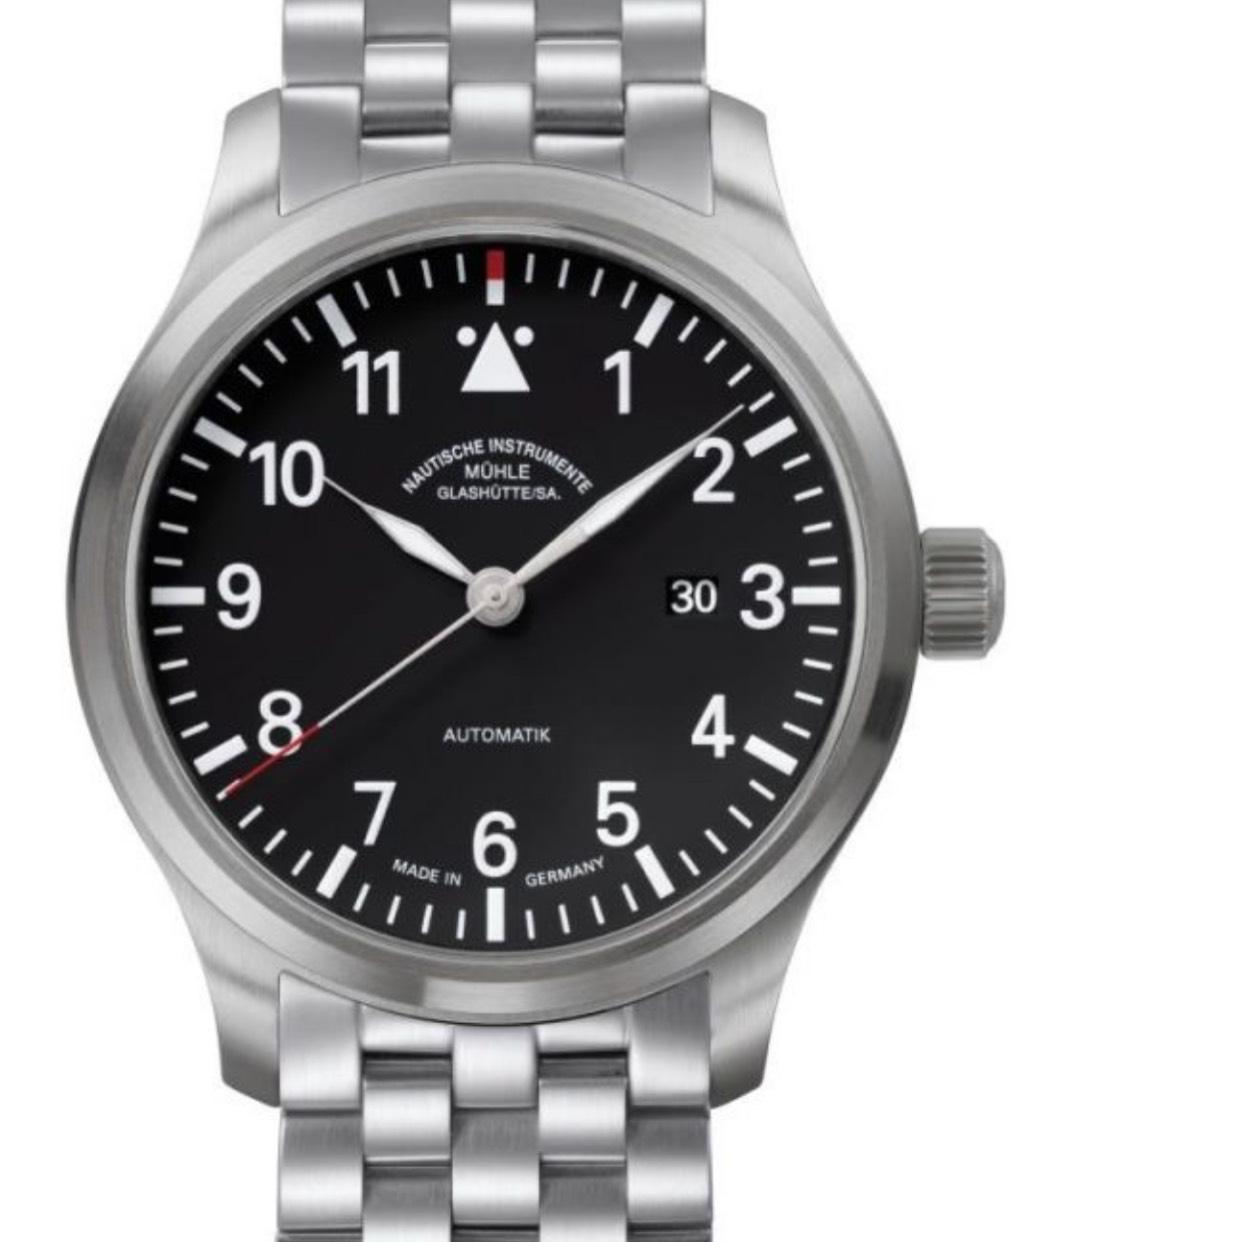 24% auf Uhren, z.B. Mühle Glashütte Terrasport mit Stahlband M1-37-34-MB 248€ unter idealo - 348€ unter Liste